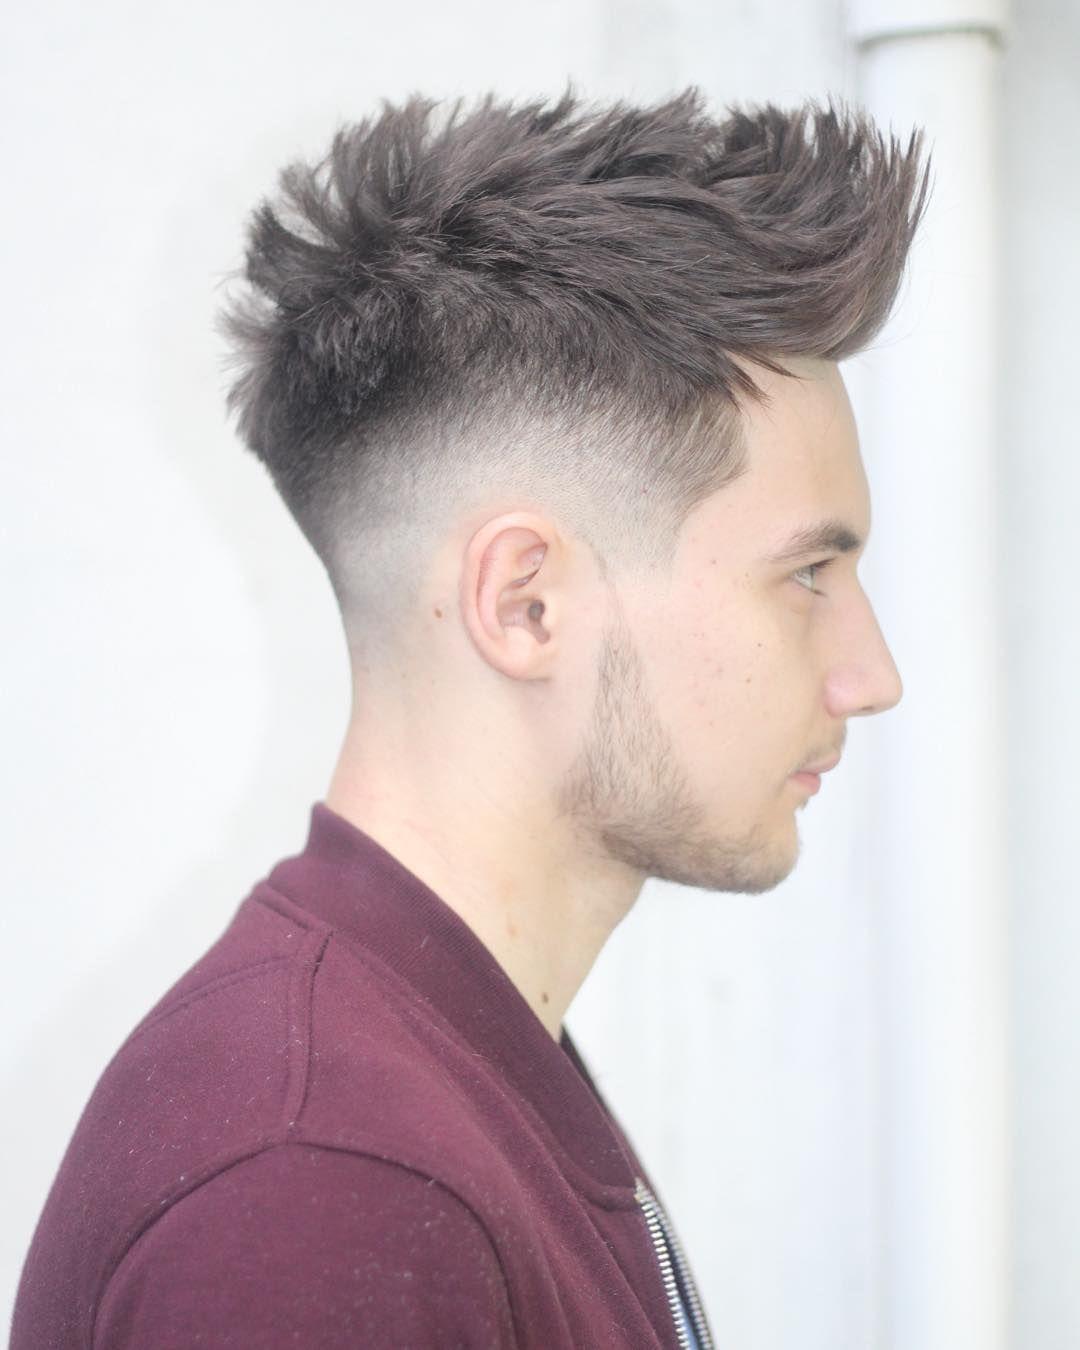 Cool haircuts men haircut by ryancullenhair iftzgduc menshair